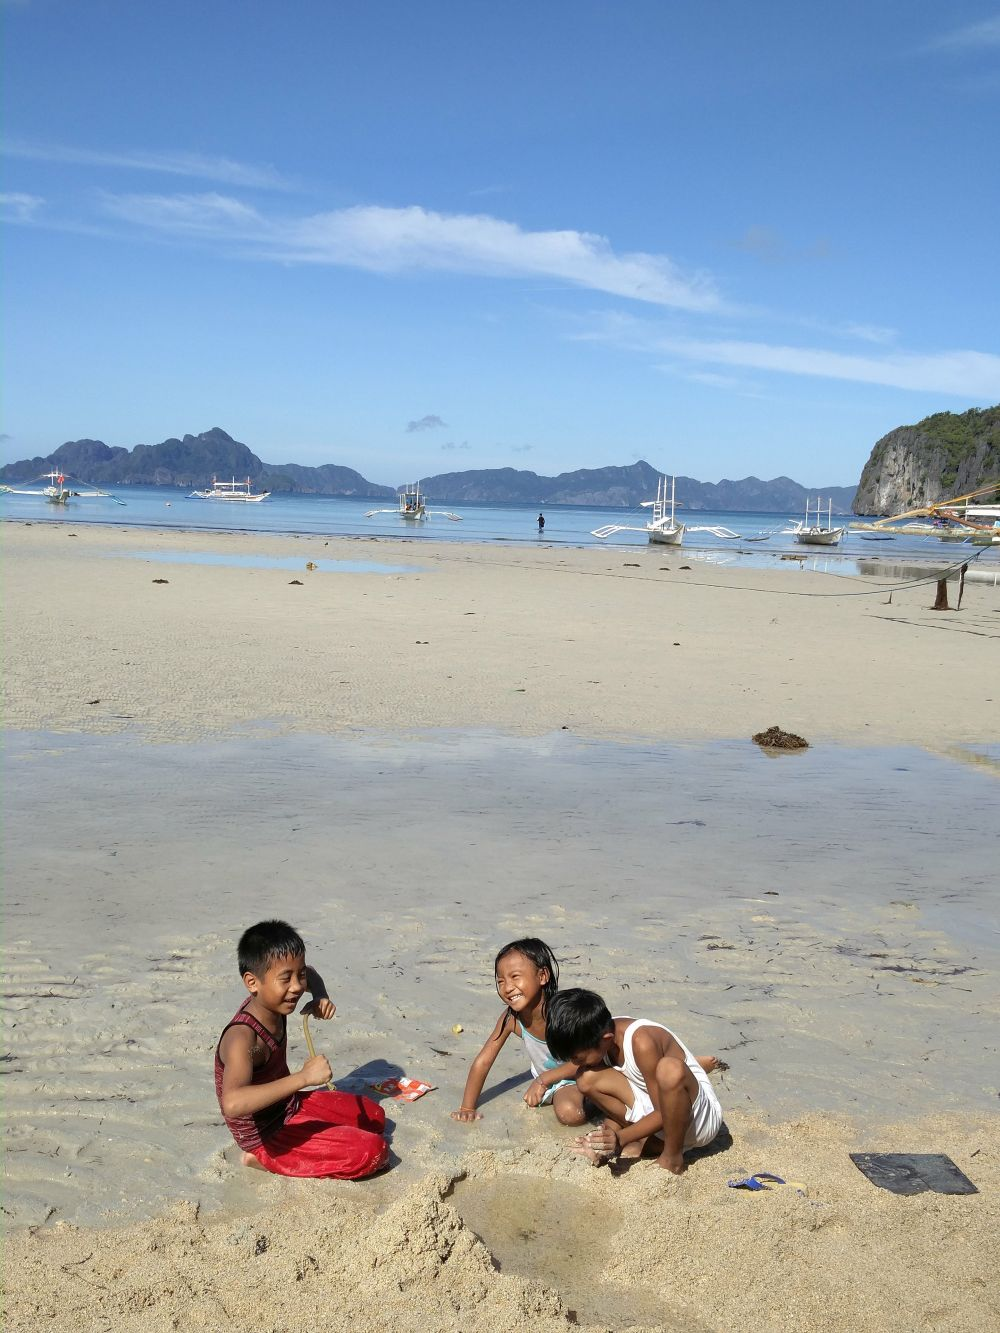 Deti tu vyrastajú na pláži a vonku. Stále behajú, sú usmiate, chcú sa zoznámiť, aj keď sa trochu hanbia. Hovoria dobre anglicky, učia ich to v škole, dokonca majú aj niektoré učebnice po anglicky. Neviem aké to je, vyrastať na najkrajšom mieste na svete, no oni sa tvárili, že je to super :)